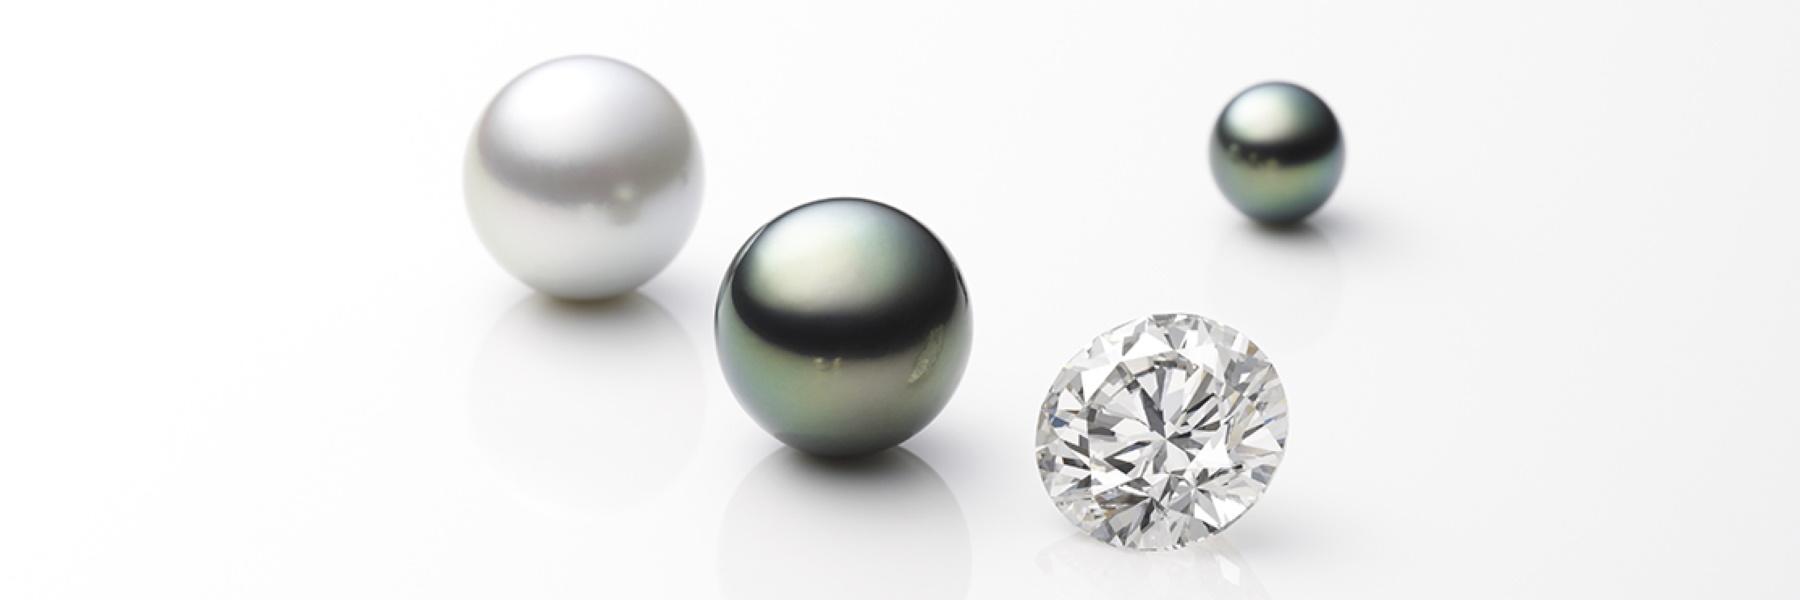 東京真珠について